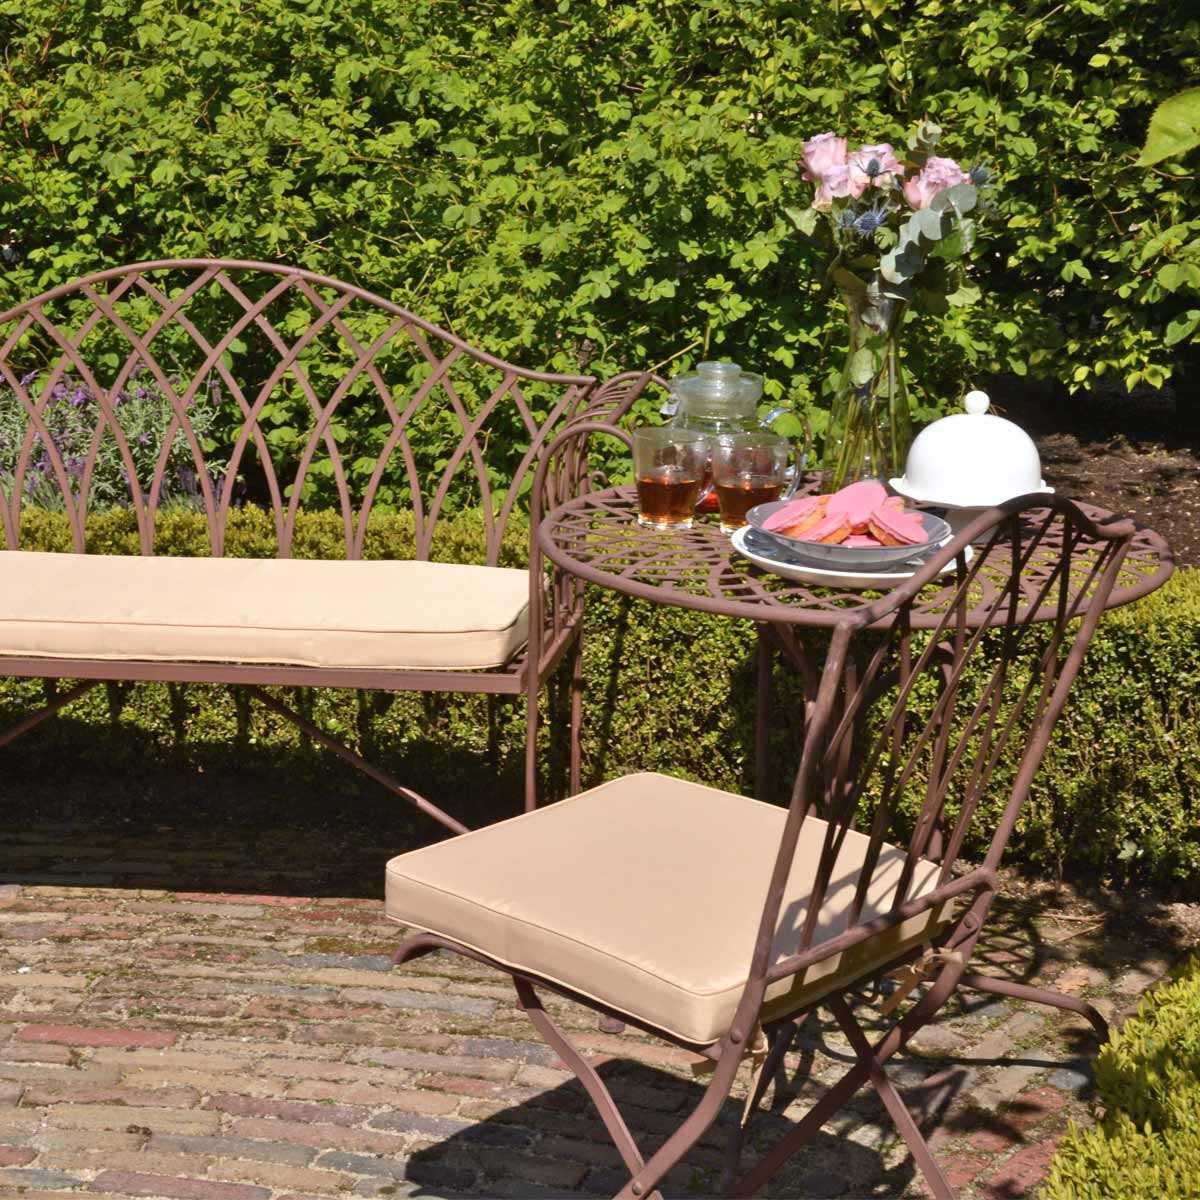 Salon De Jardin Fer Forgã© Concept - Idees Conception Jardin concernant Salon De Jardin Fer Forgé Pas Cher